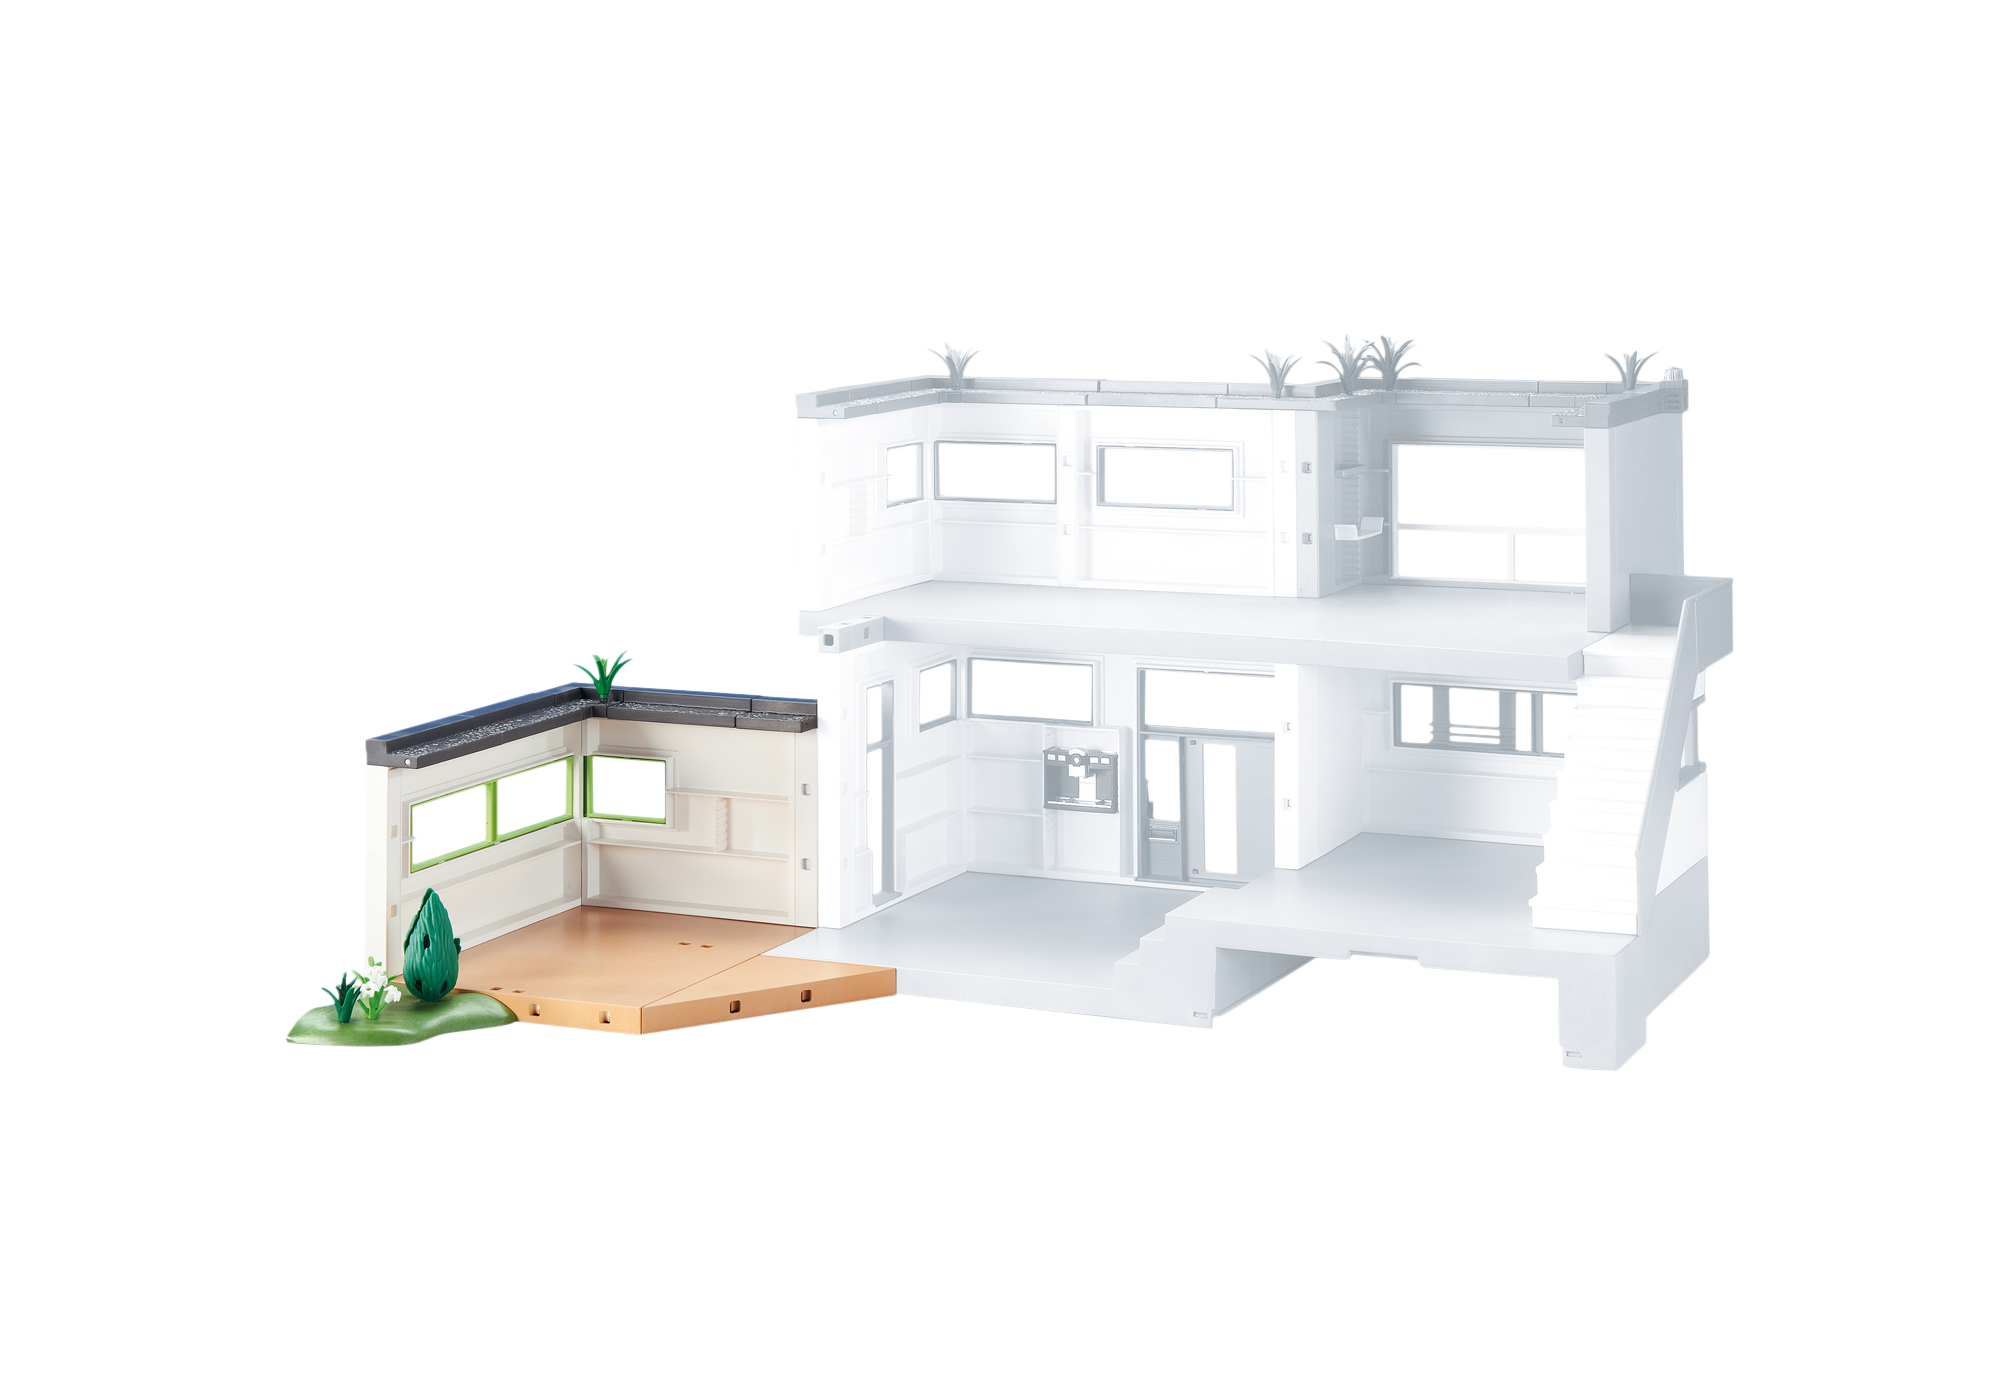 Erweiterung für die Moderne Luxusvilla